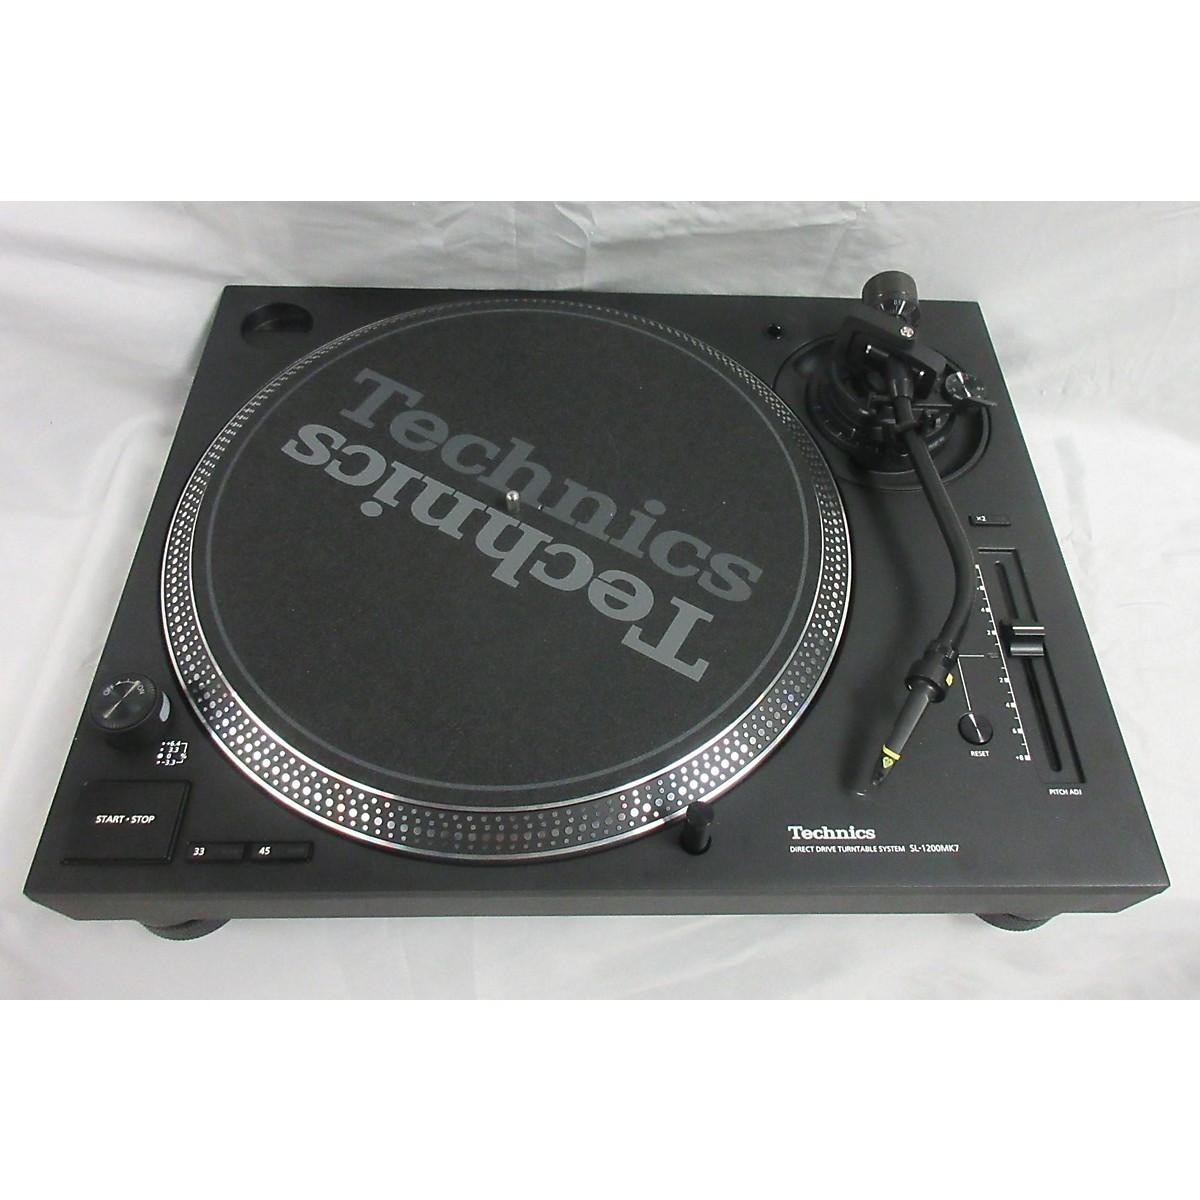 Technics SL1200MK7 Turntable